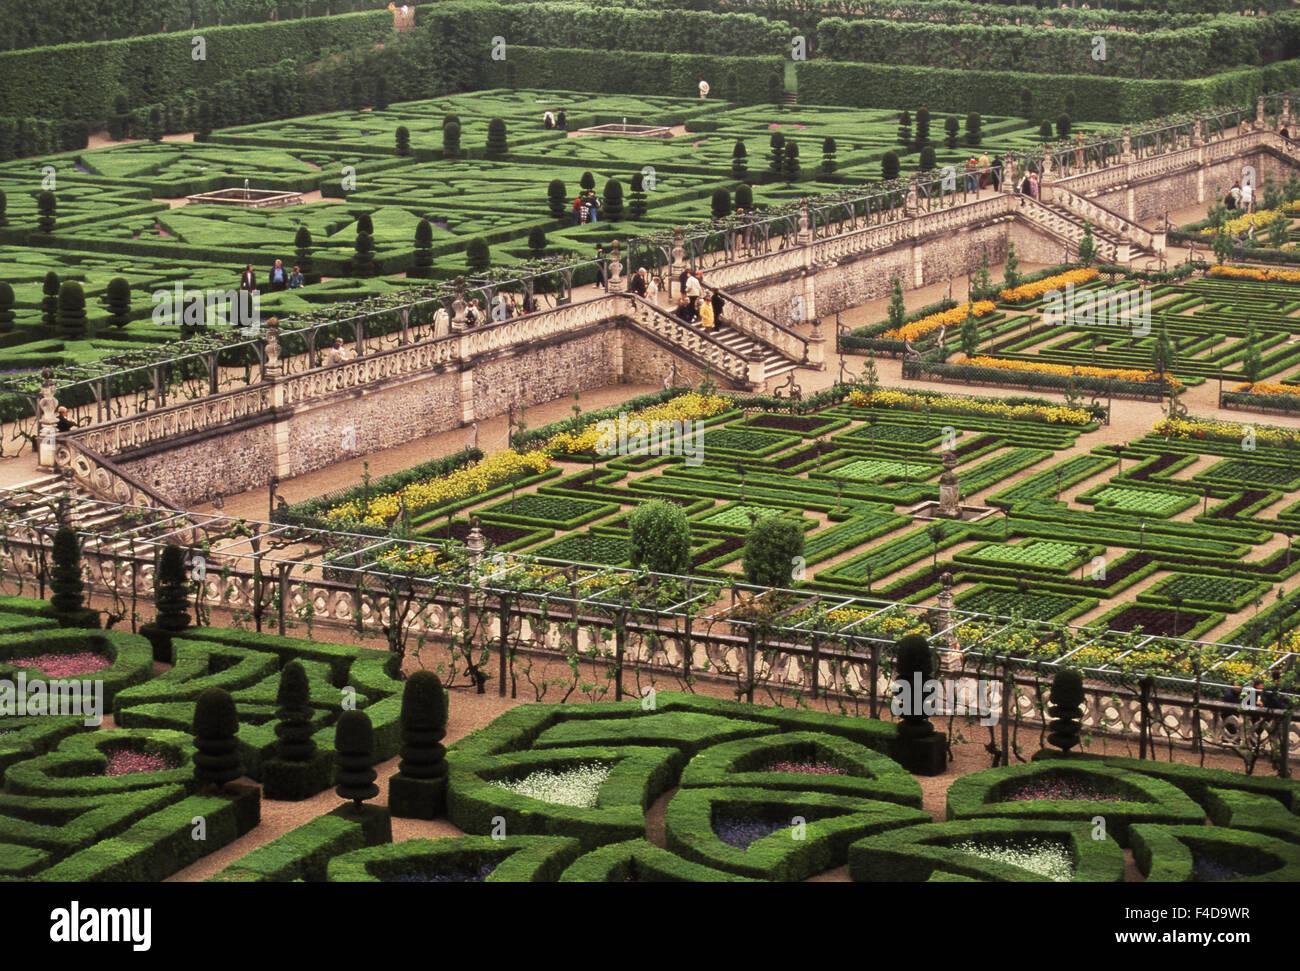 France, Indre-et-Loire, Villandry Jardins et Chateau, Formal garden at the Chateau de Villandry. (Large format sizes - Stock Image